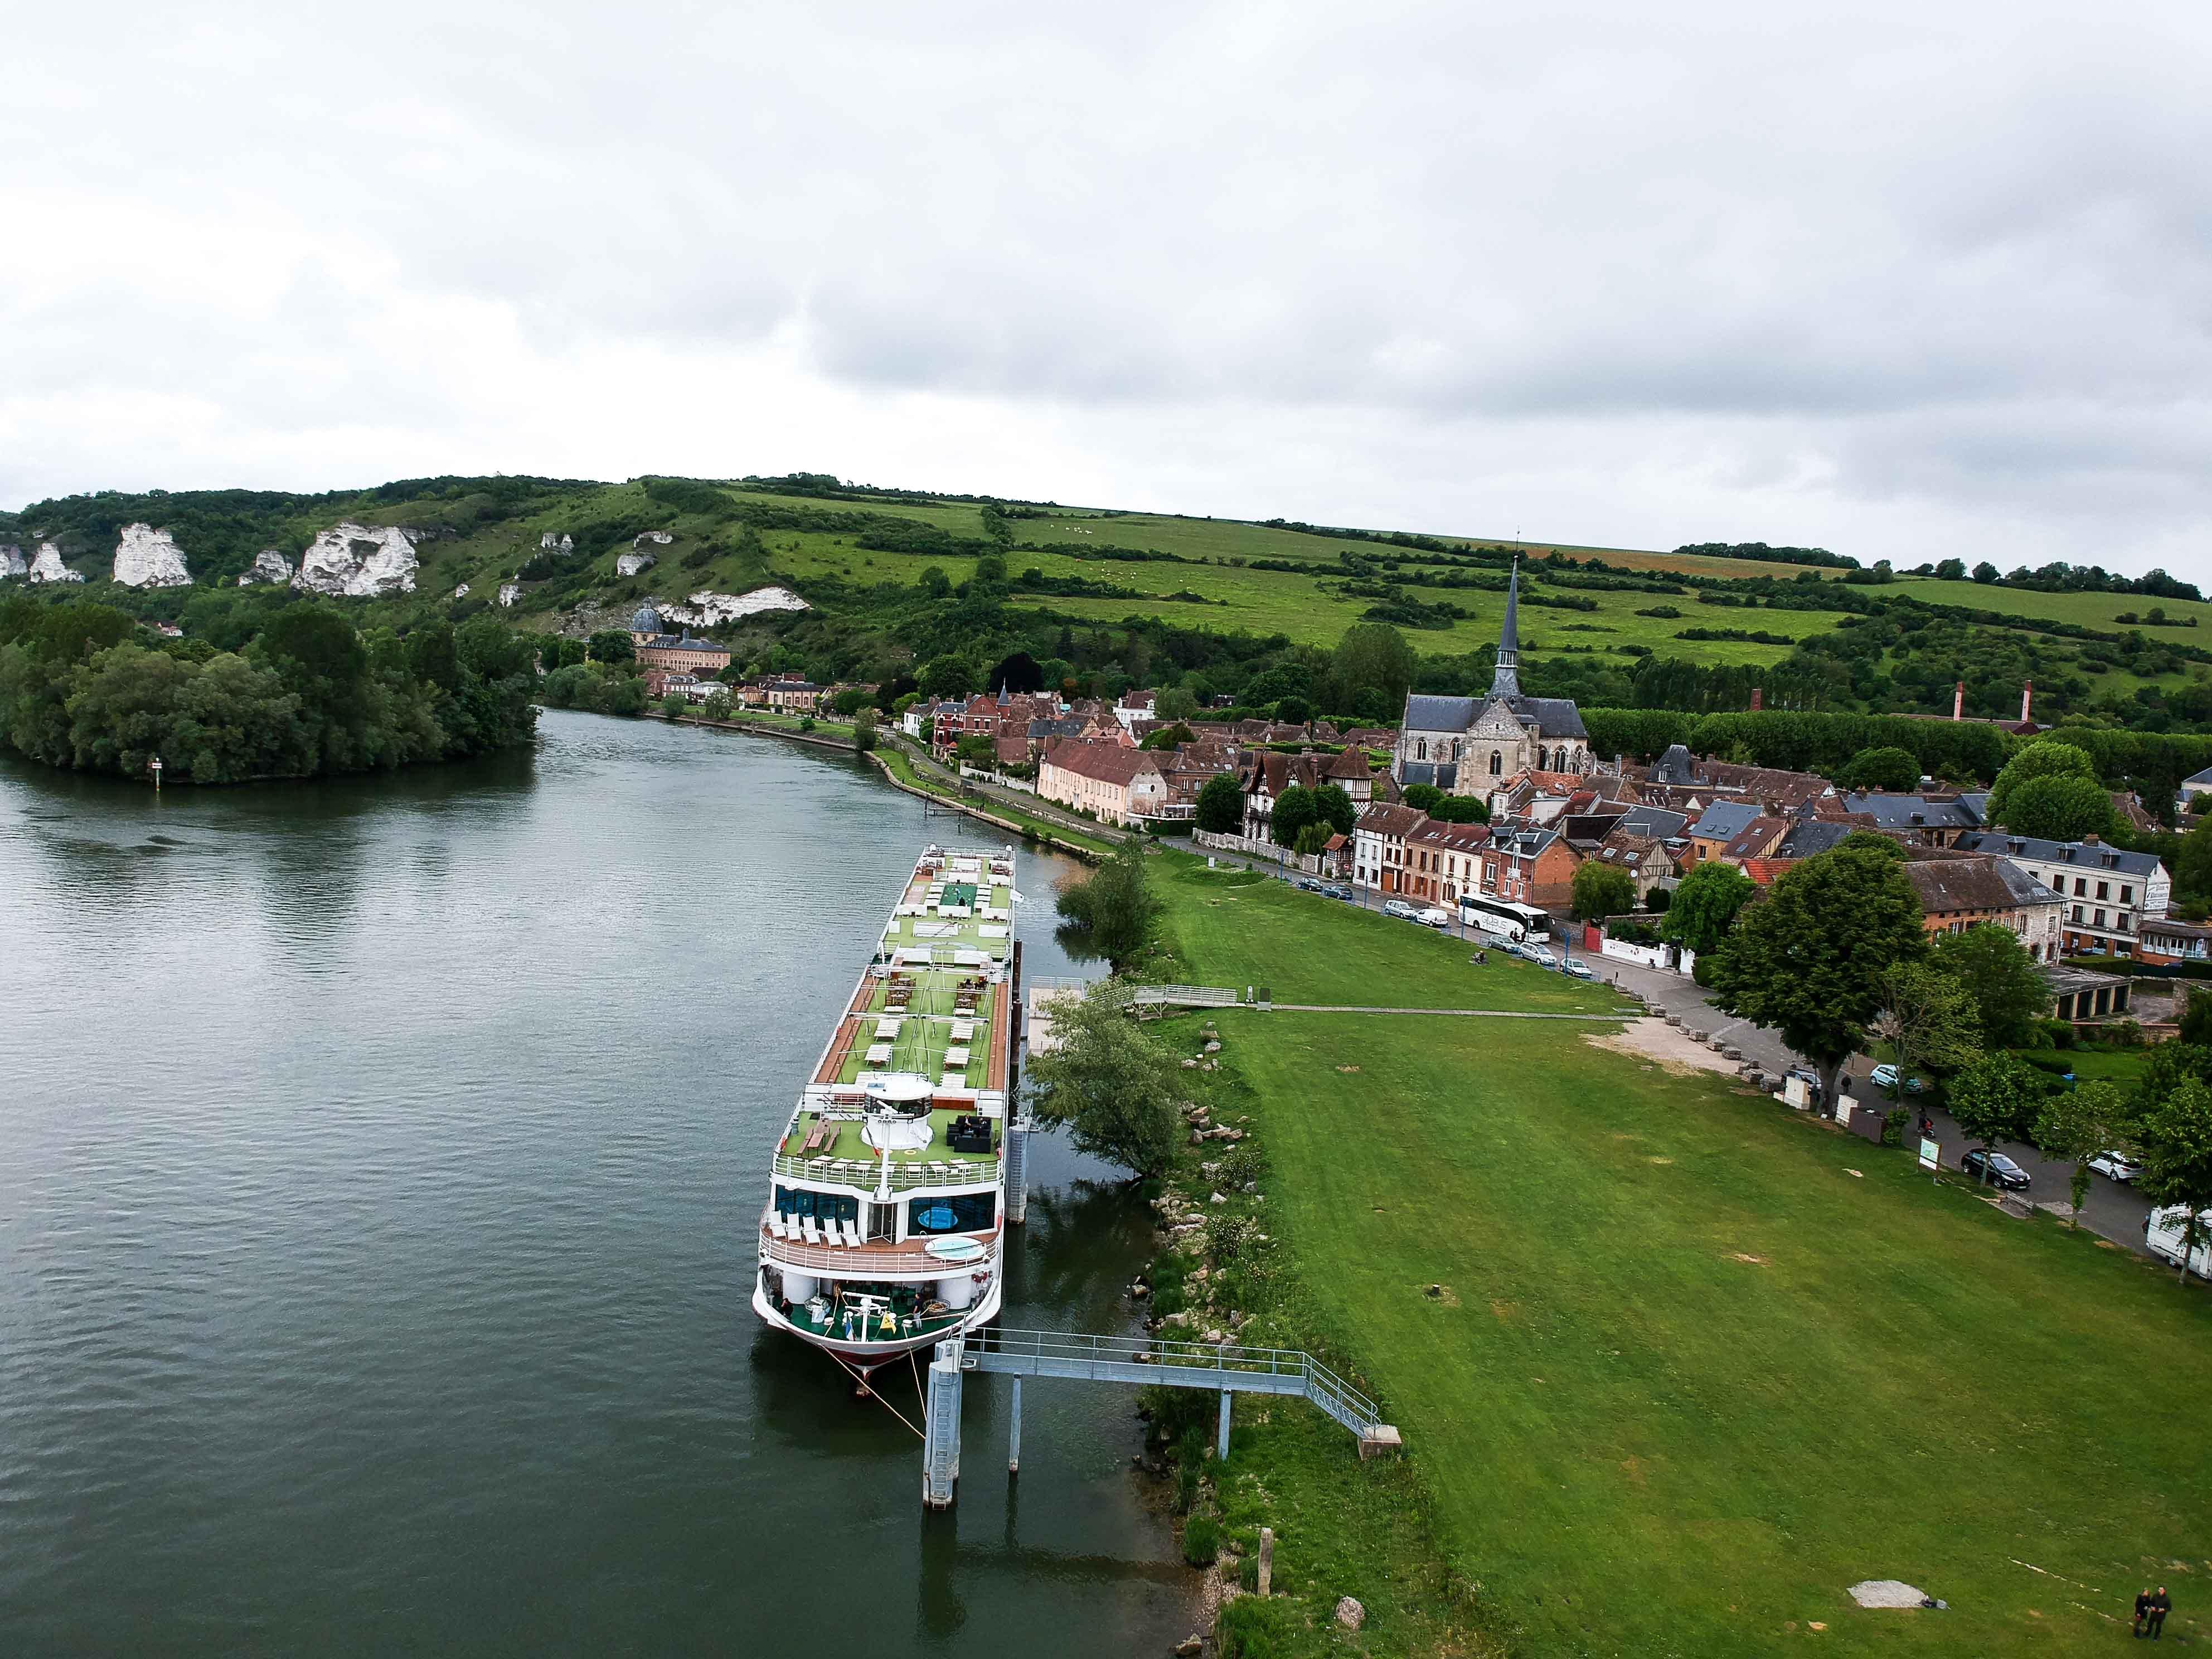 AROSA-VIVA-Seine-Flusskreuzfahrt-Kreuzfahrtschiff-Drohne-Schiff-außen-von-oben